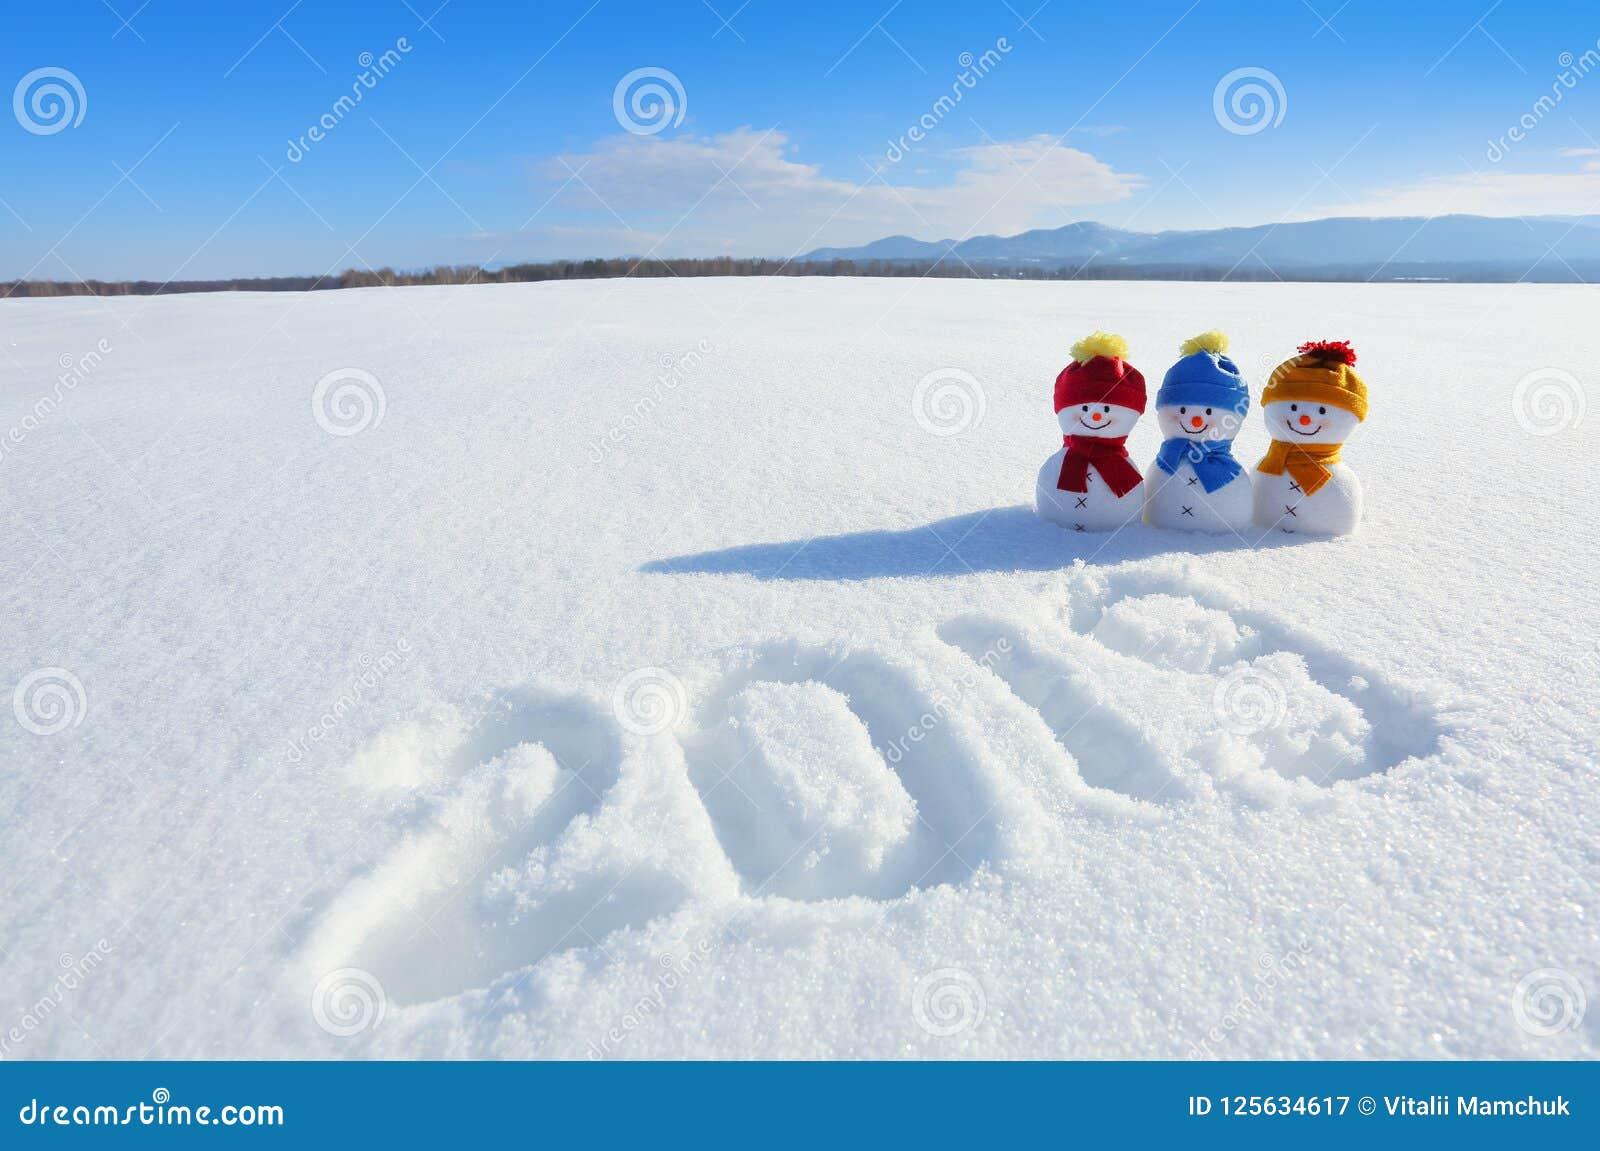 2019 escrito na neve O boneco de neve de sorriso com chapéus e os lenços estão estando no campo com neve Paisagem com montanhas